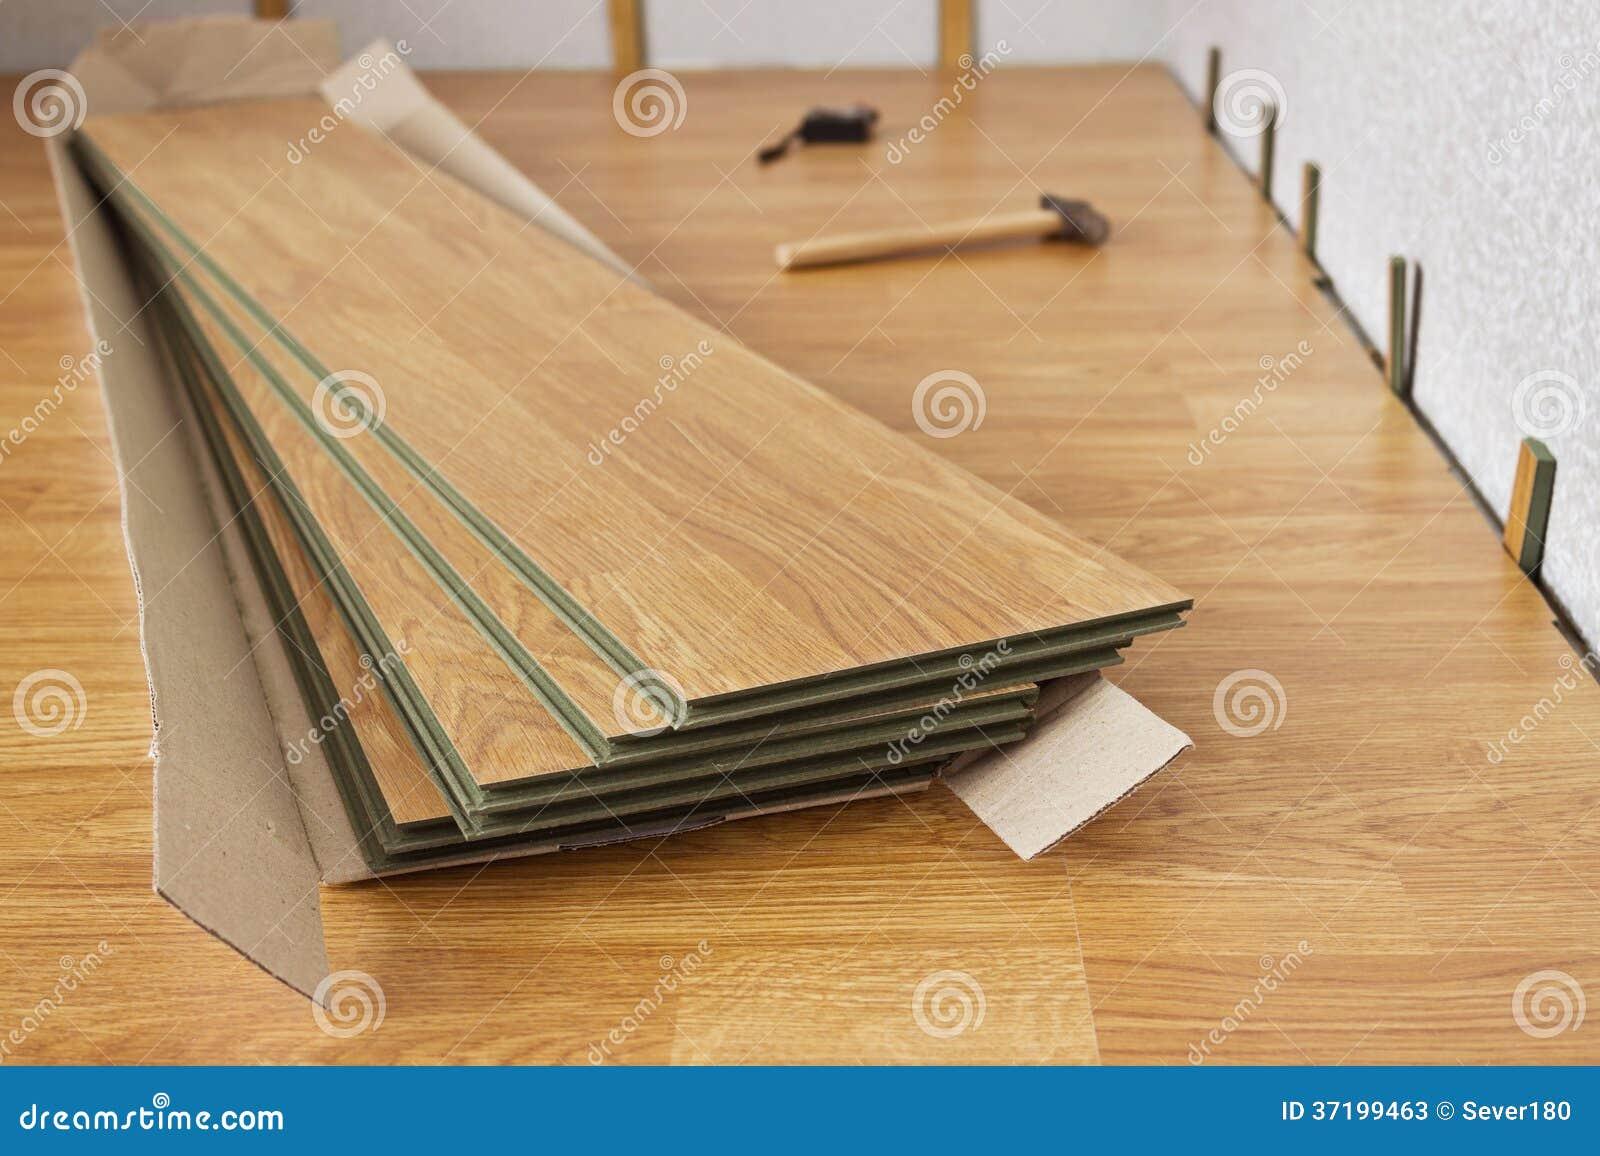 Gelamineerde panelen de kleur van het hout stock afbeelding afbeelding 37199463 - Kleur van meisjeskamers ...